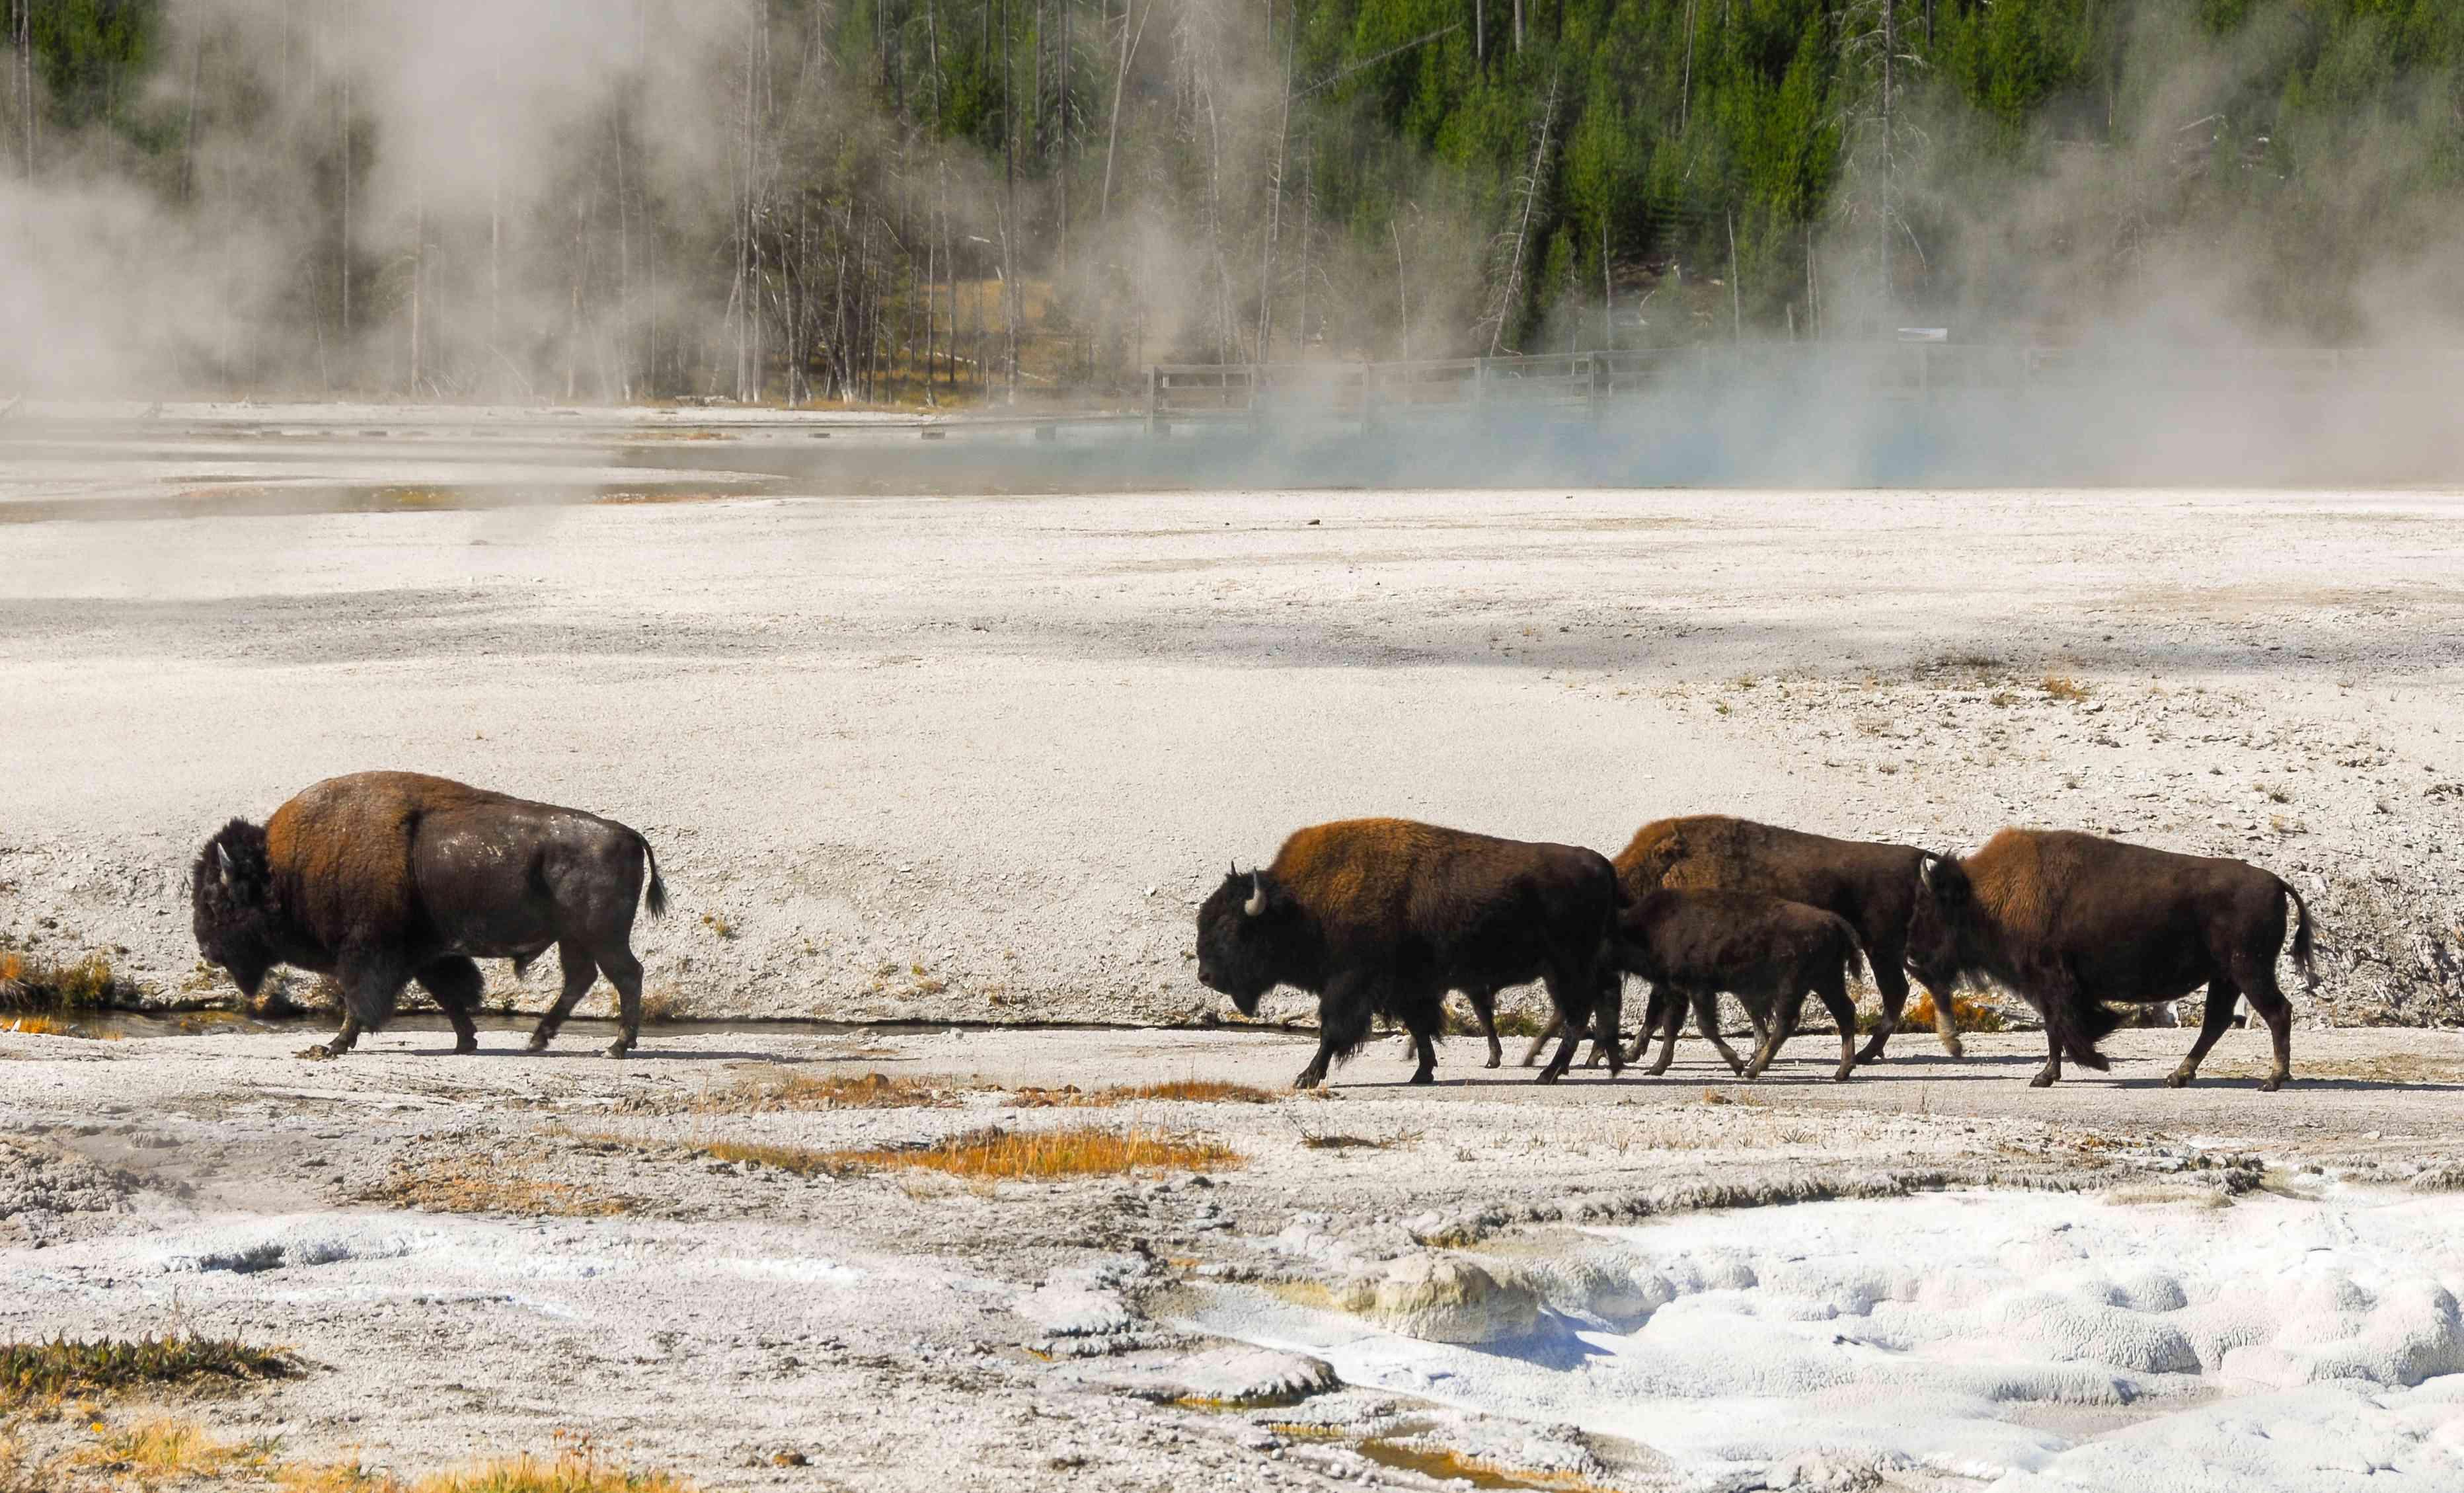 Bison walking through Black Sand Basin